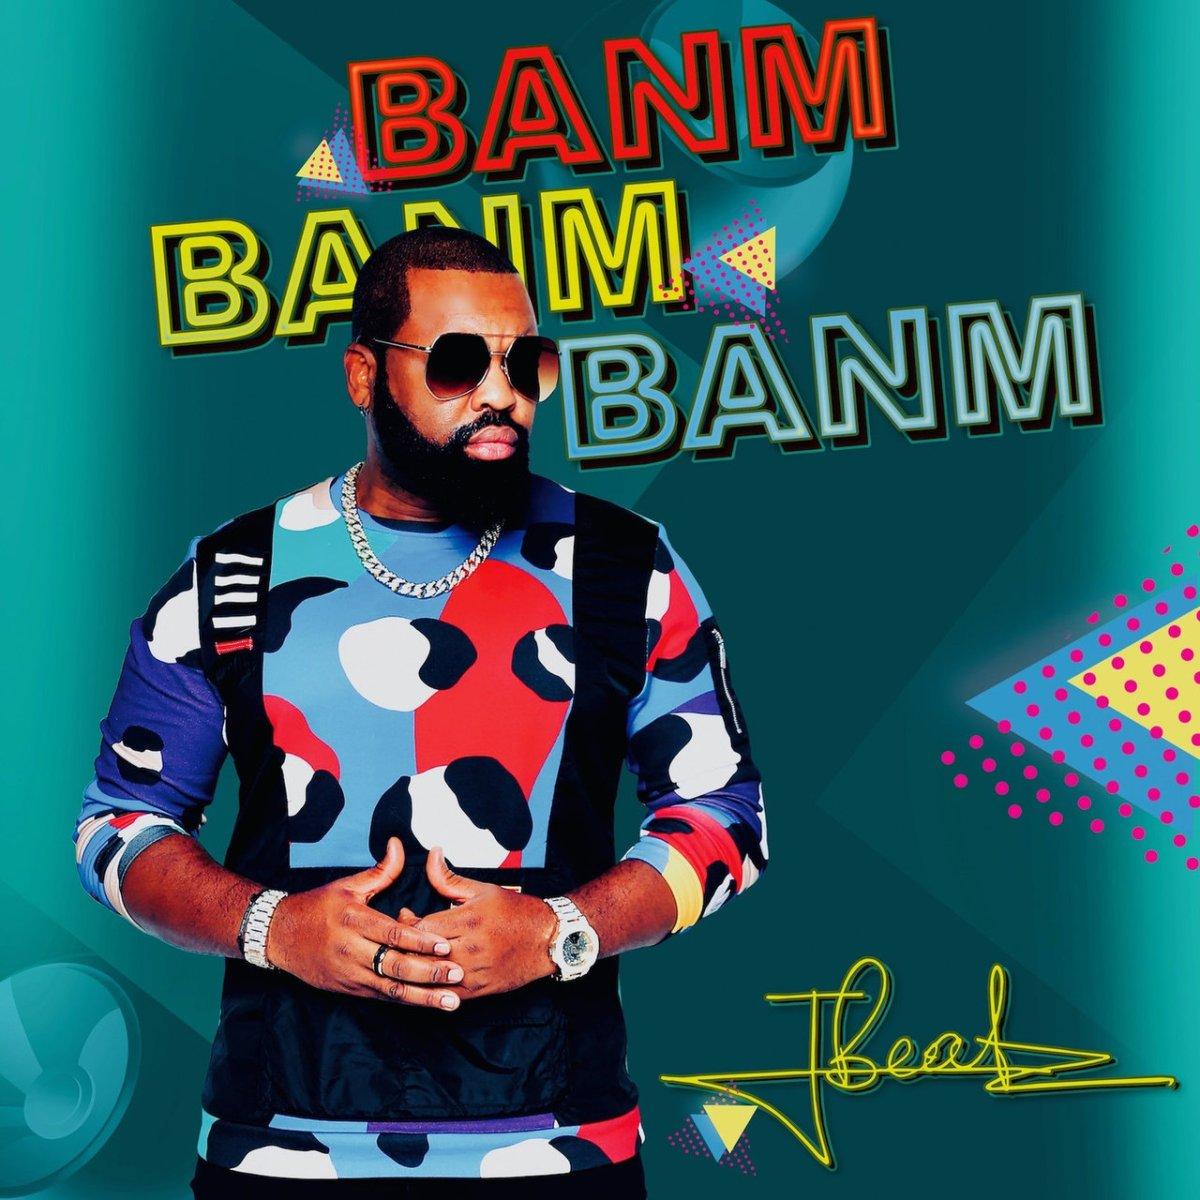 Jbeatz - Banm Banm Banm (Cover)